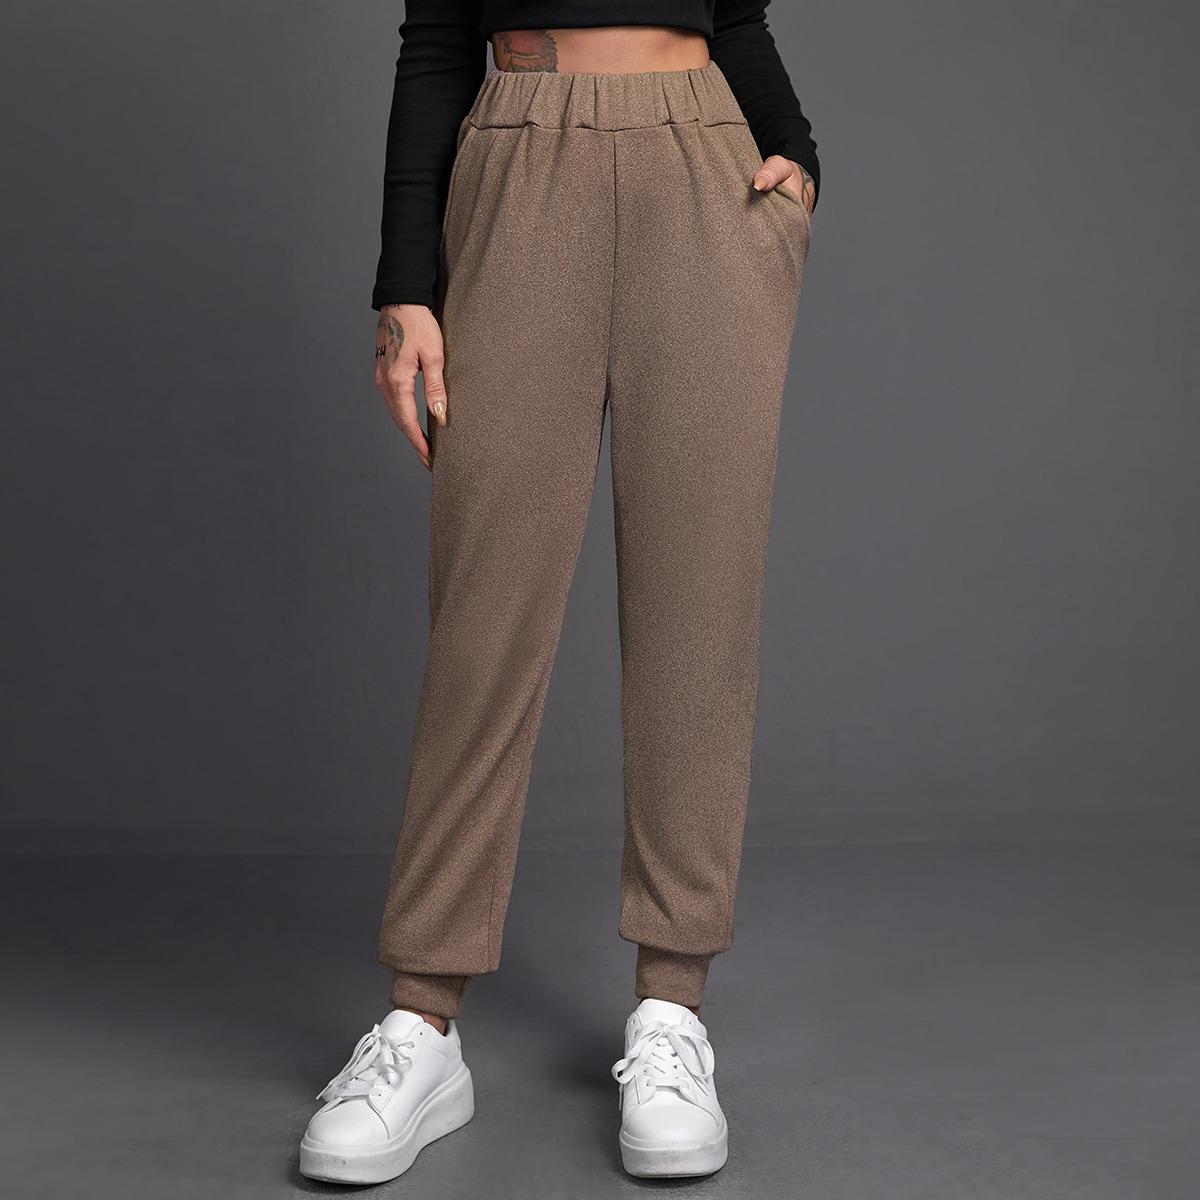 Спортивные брюки с карманом и эластичной талией